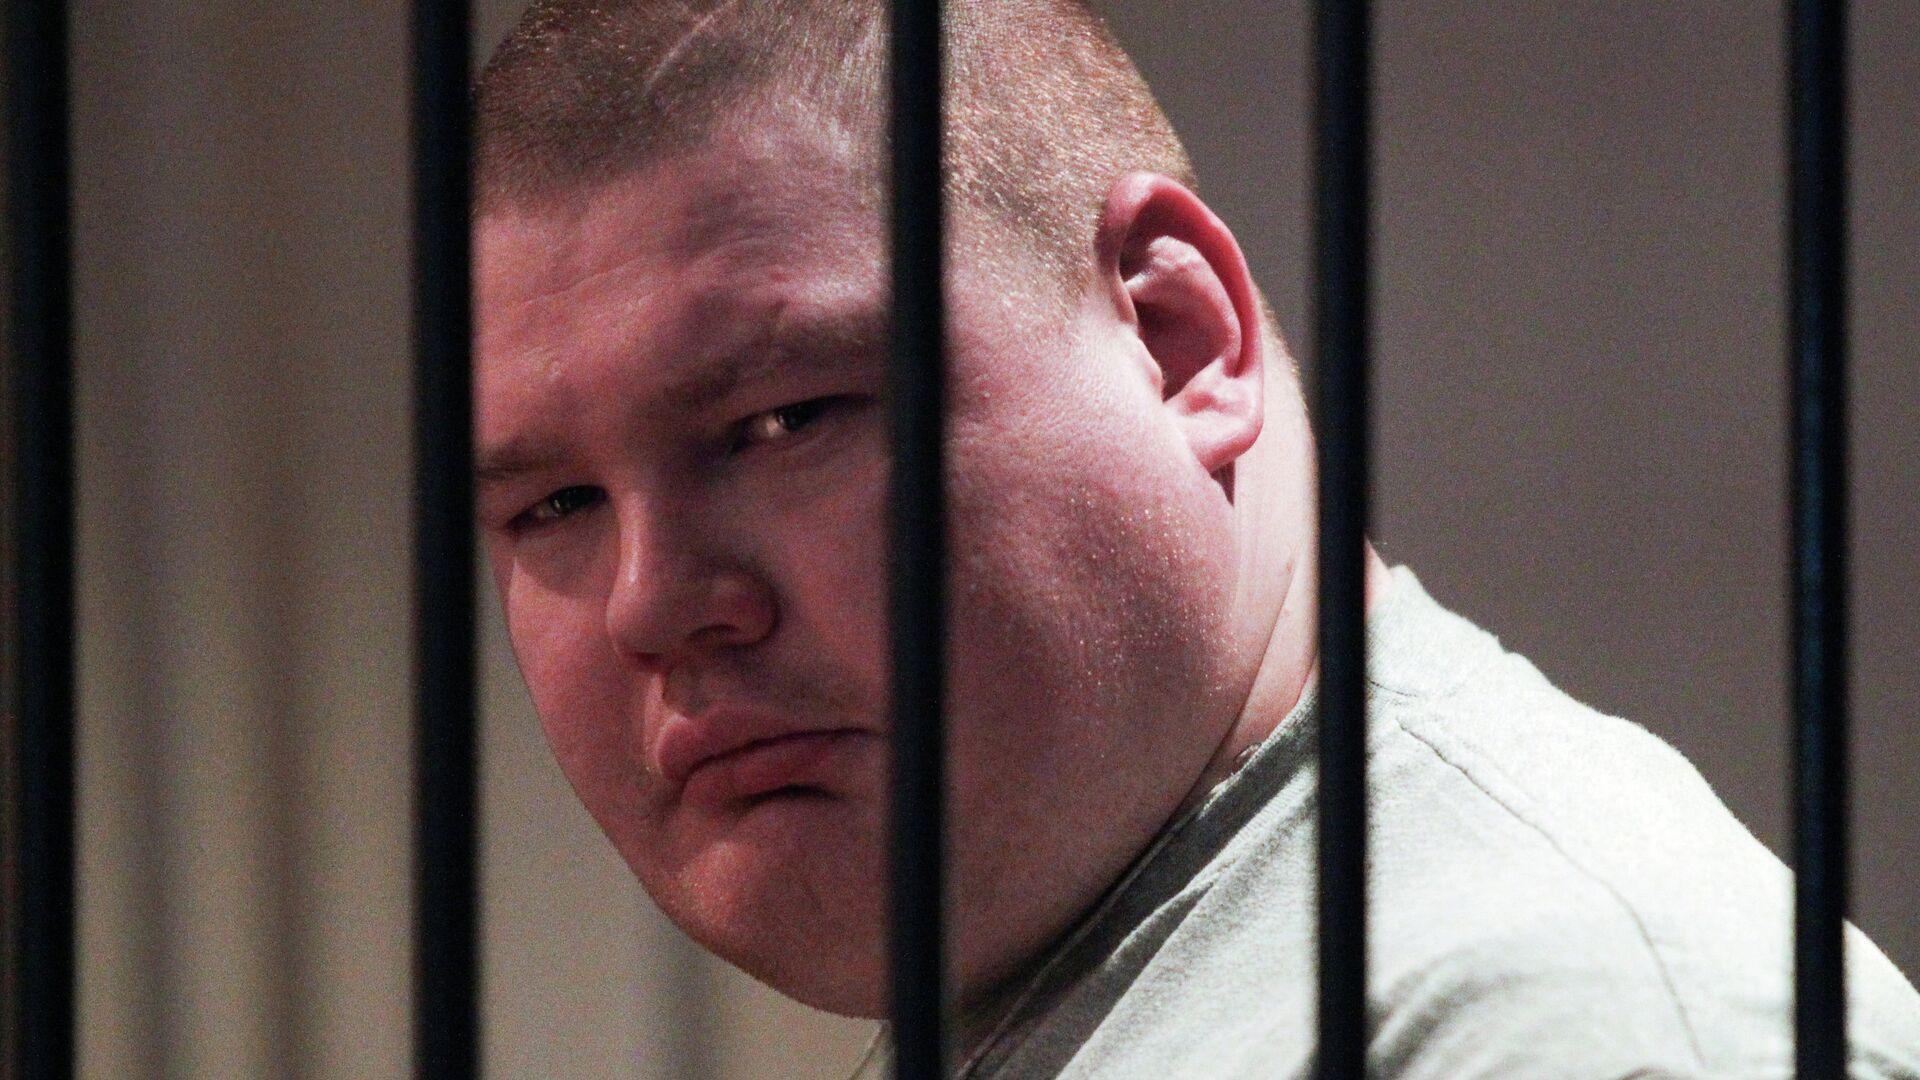 Националист из Новосибирска получил шесть лет колонии